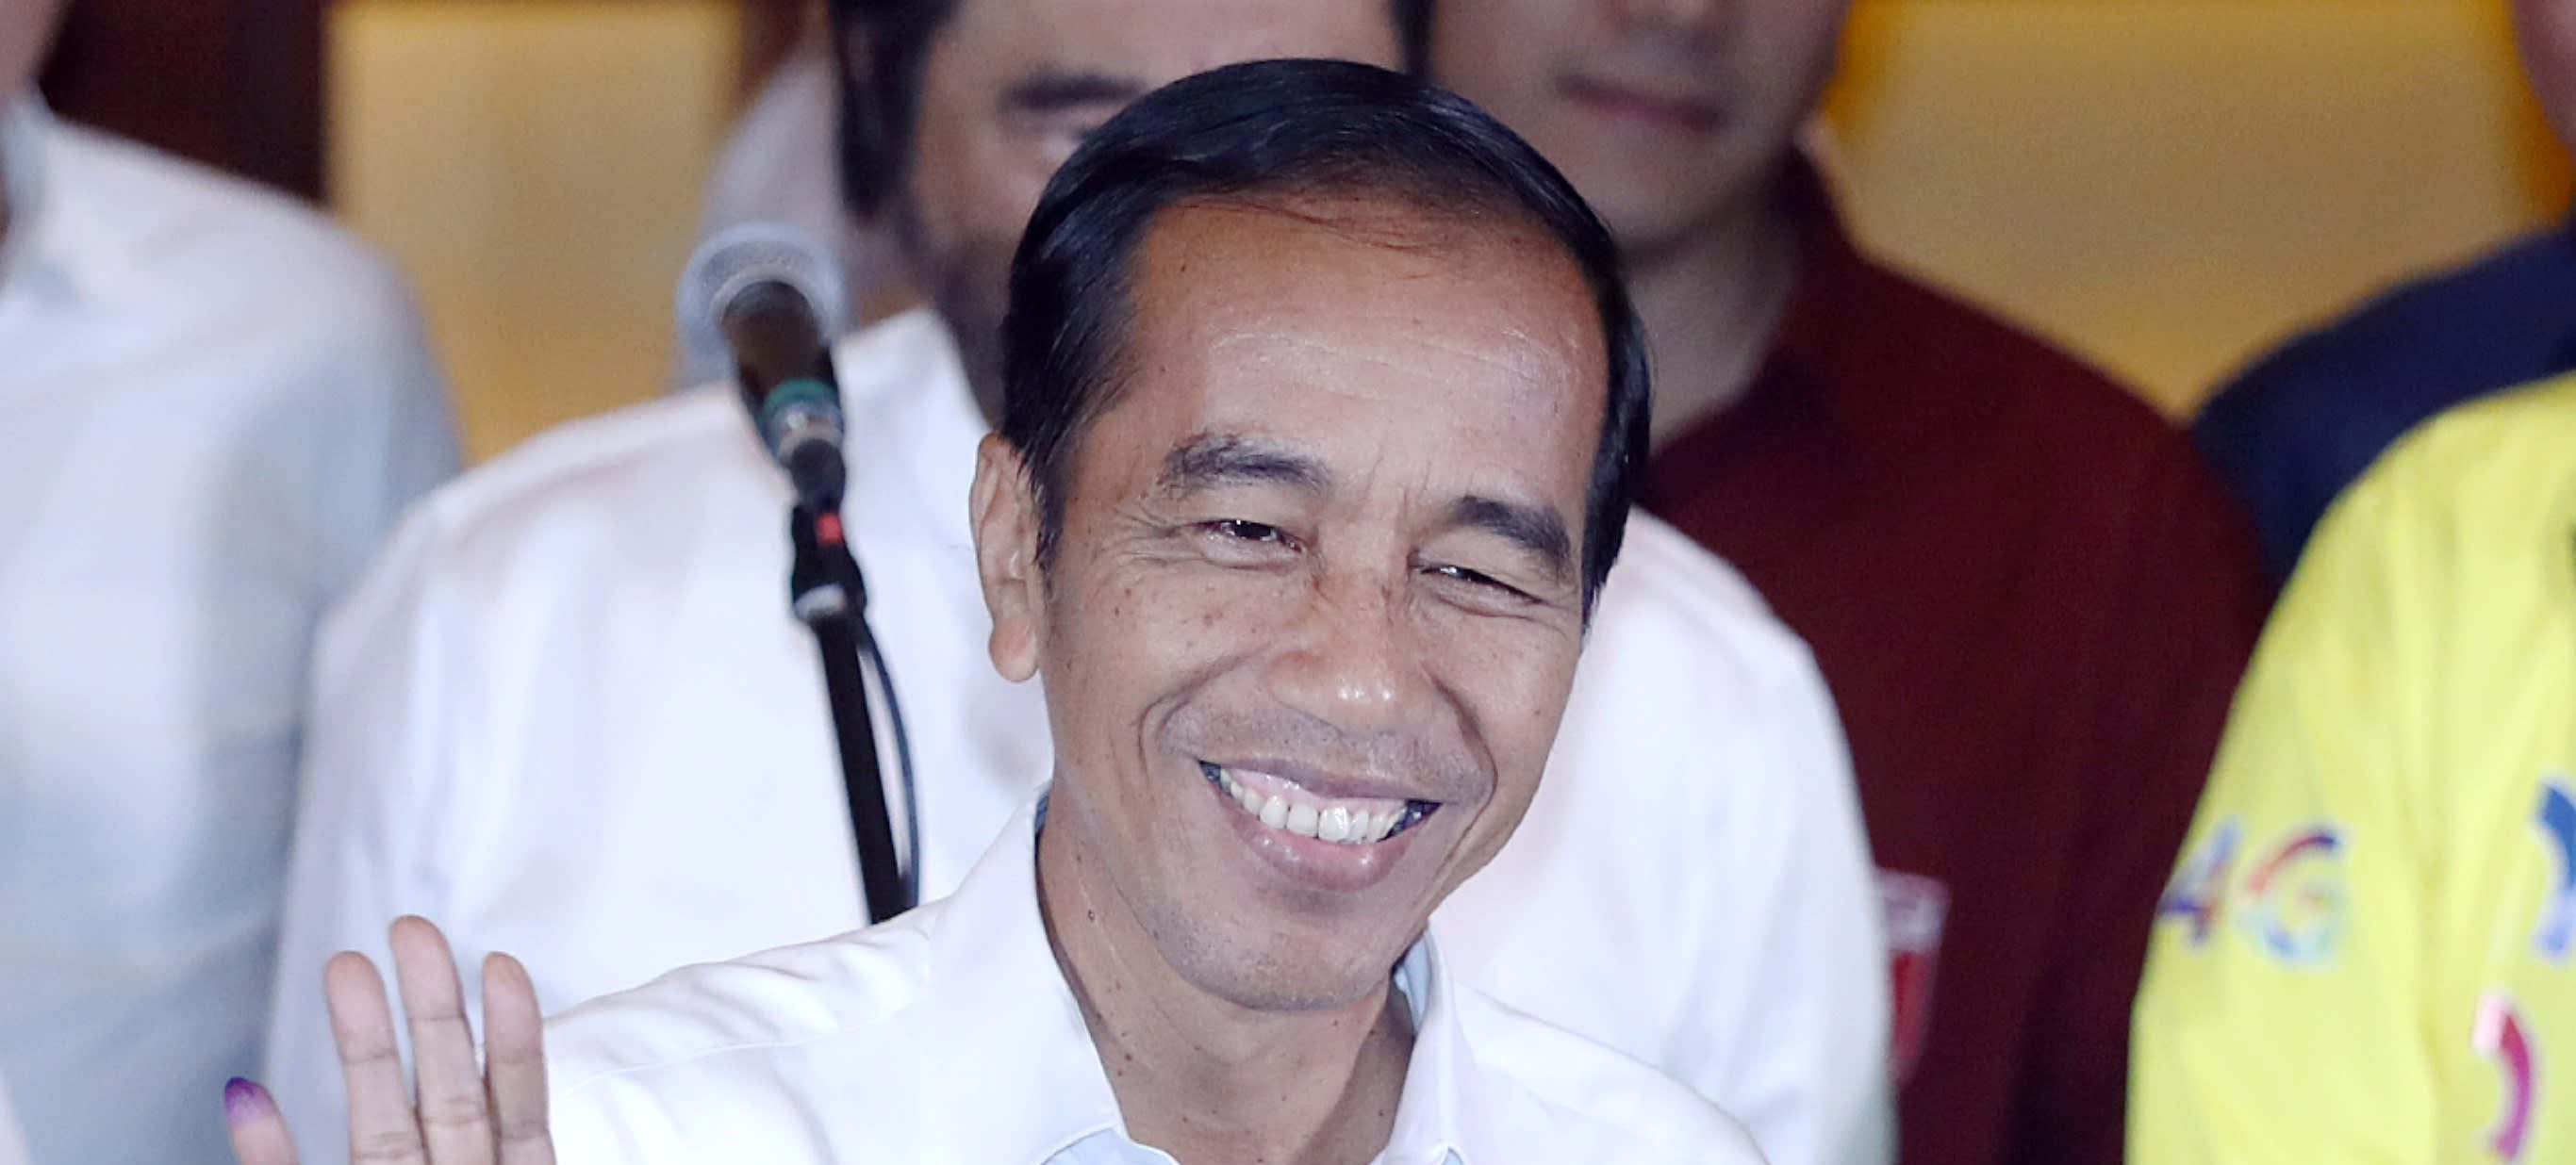 """Le président sortant indonésien Joko """"Jokowi"""" Widodo a été réélu le 21 mai avec plus de 55 % des voix contre Prabowo Subiante. (Source : Asia Nikkei Review)"""